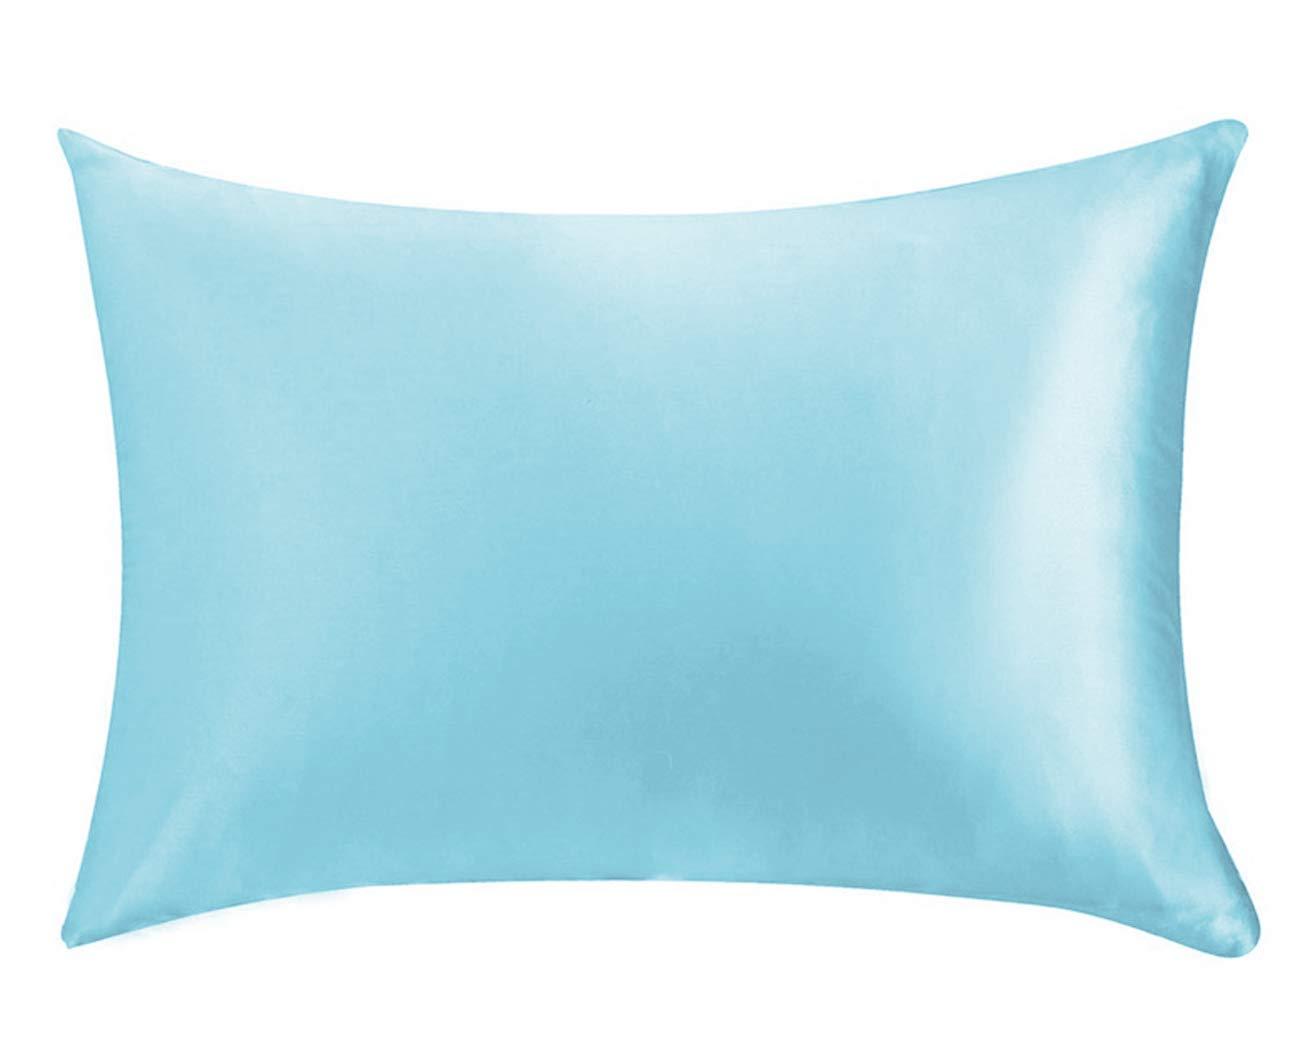 Silk Satin Pillow Case for Hair & Facial Skin to prevent wrinkles Hidden Zipper blue 1 Piece (pattern-2)